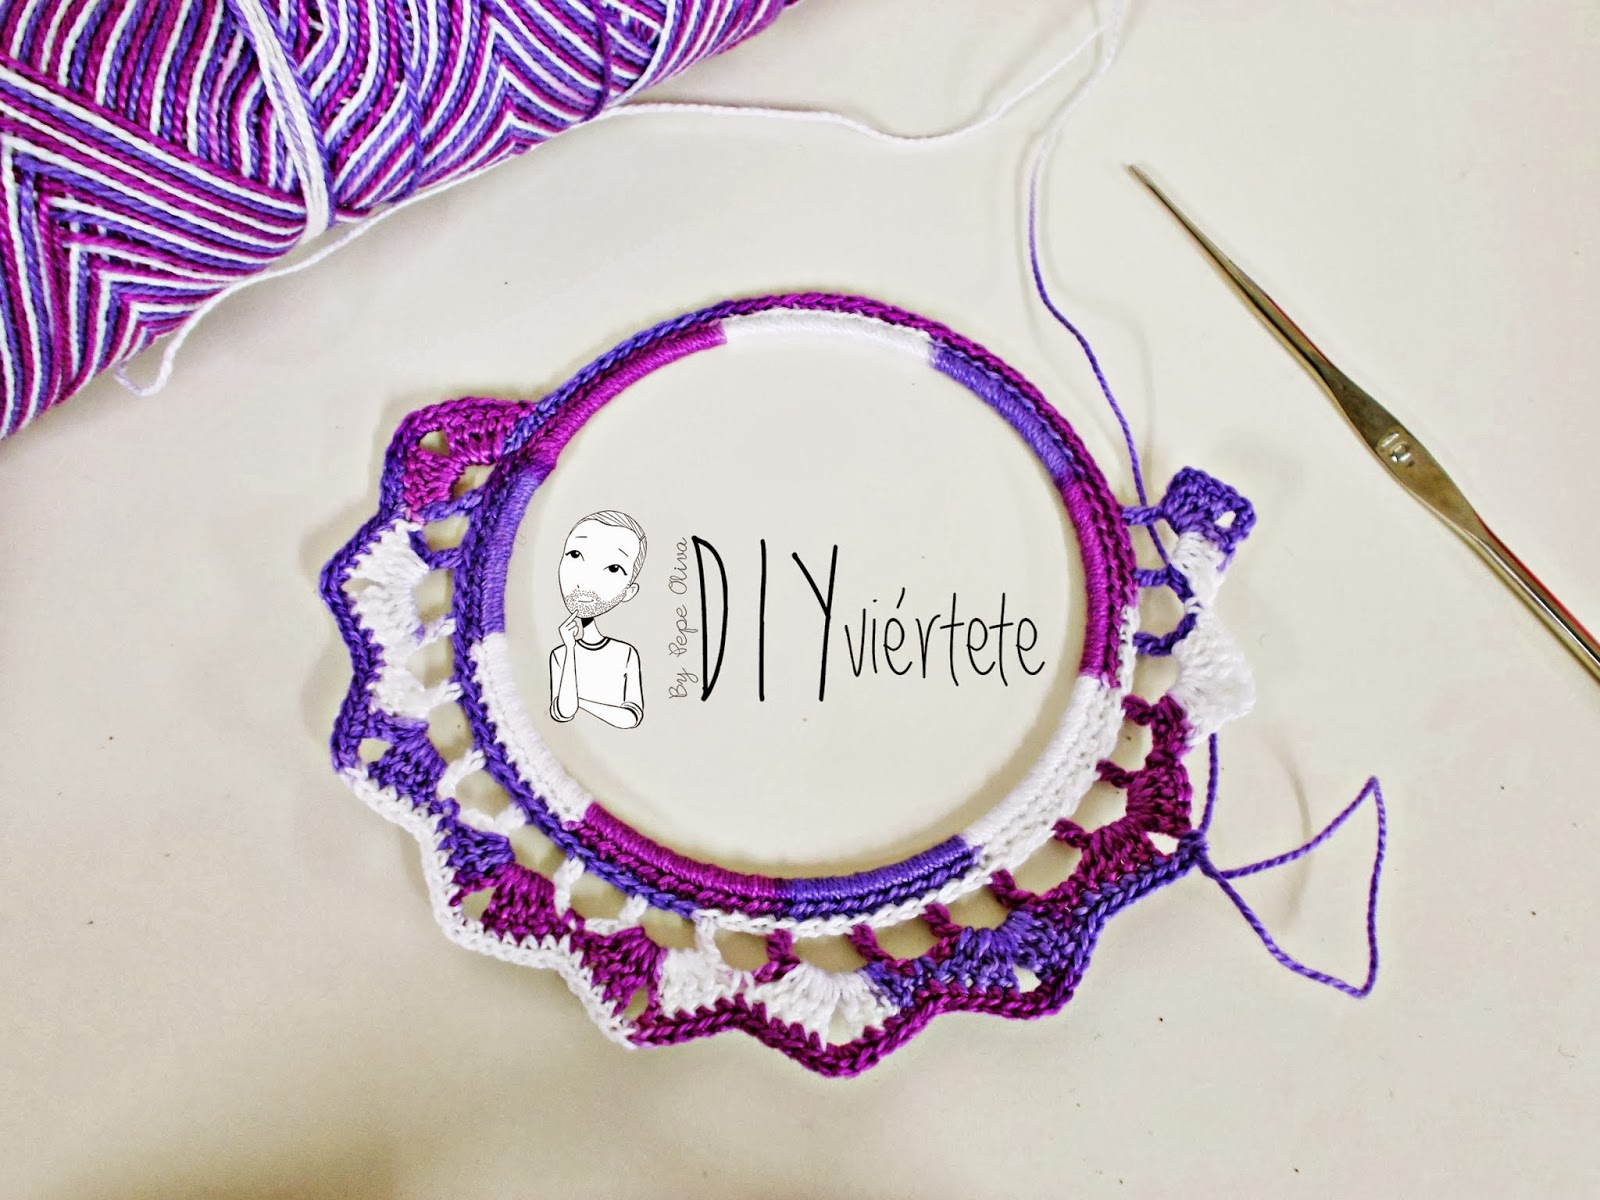 DIY-zarcillo-pendiente-bisutería-ganchillo-crochet-flamenca-Diyviértete5